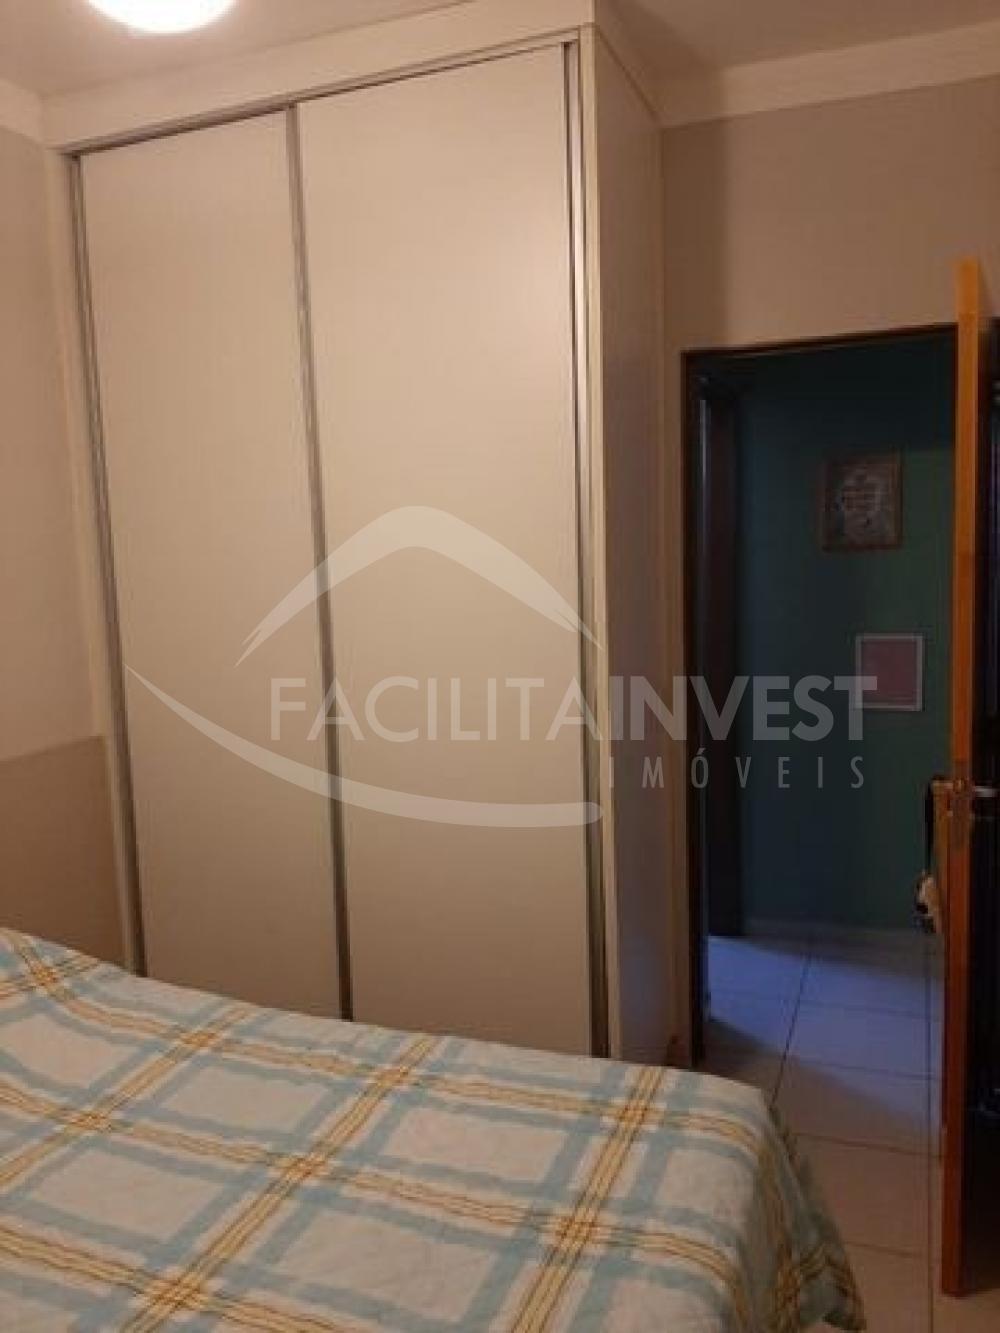 Alugar Apartamentos / Apartamento Mobiliado em Ribeirão Preto apenas R$ 1.400,00 - Foto 8